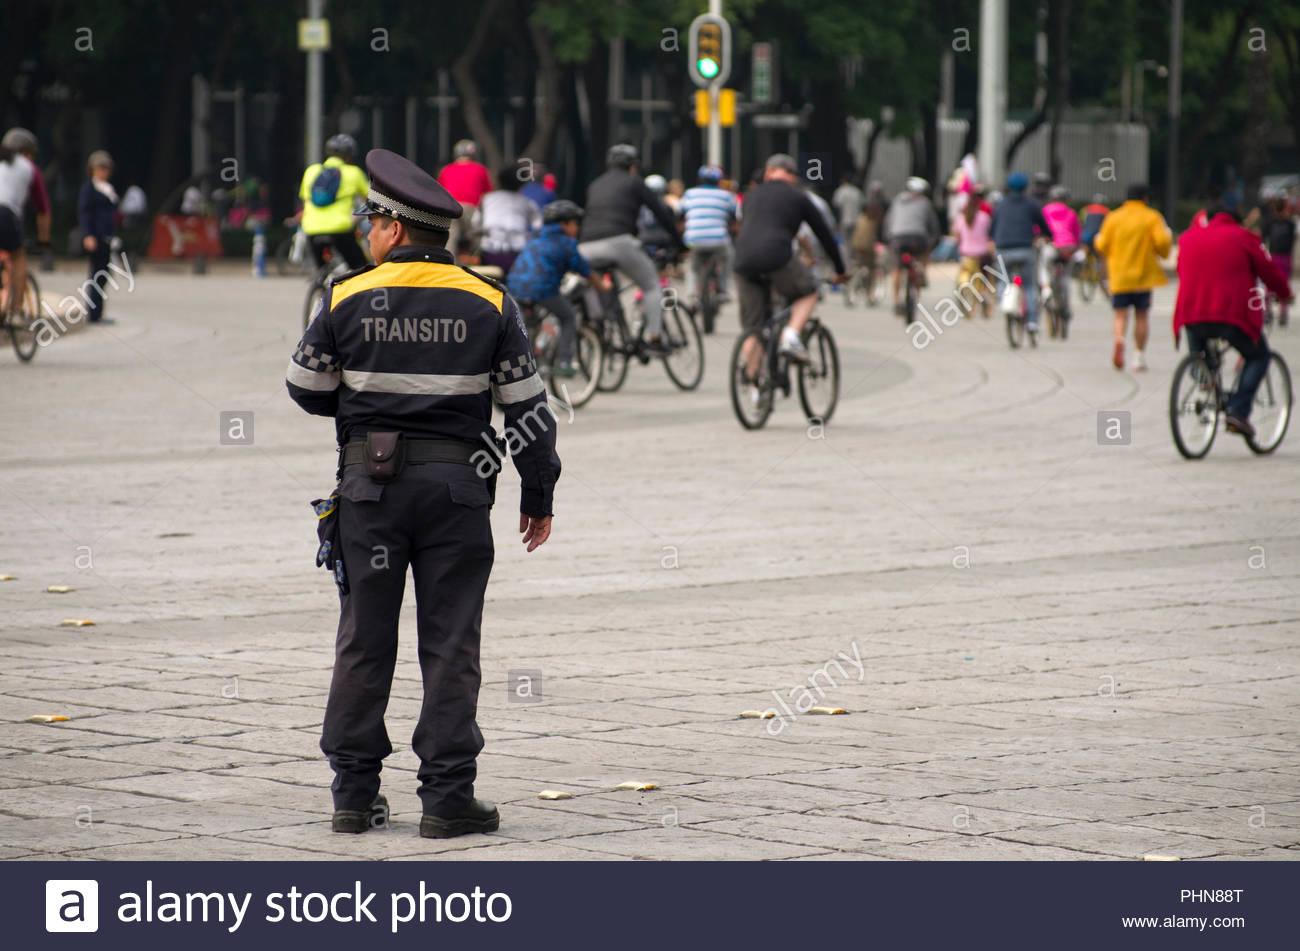 Transport en commun d'un agent de police dans la ville de Mexico sur dirige le trafic de l'avenue Paseo de la Reforma. Photo Stock